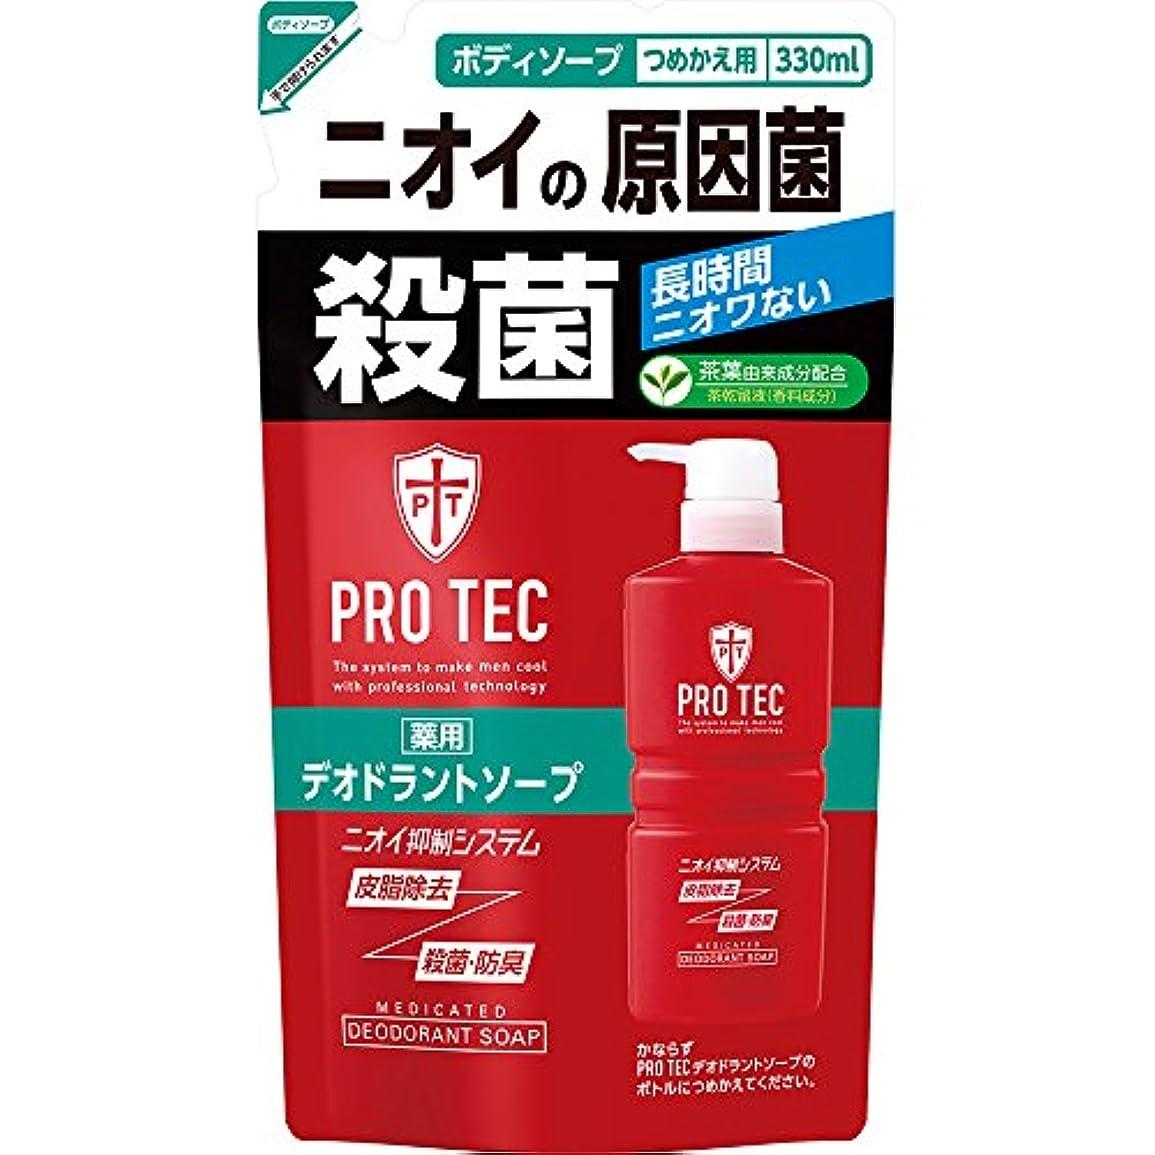 ハイジャック特派員逸脱PRO TEC(プロテク) デオドラントソープ 詰め替え 330ml(医薬部外品)